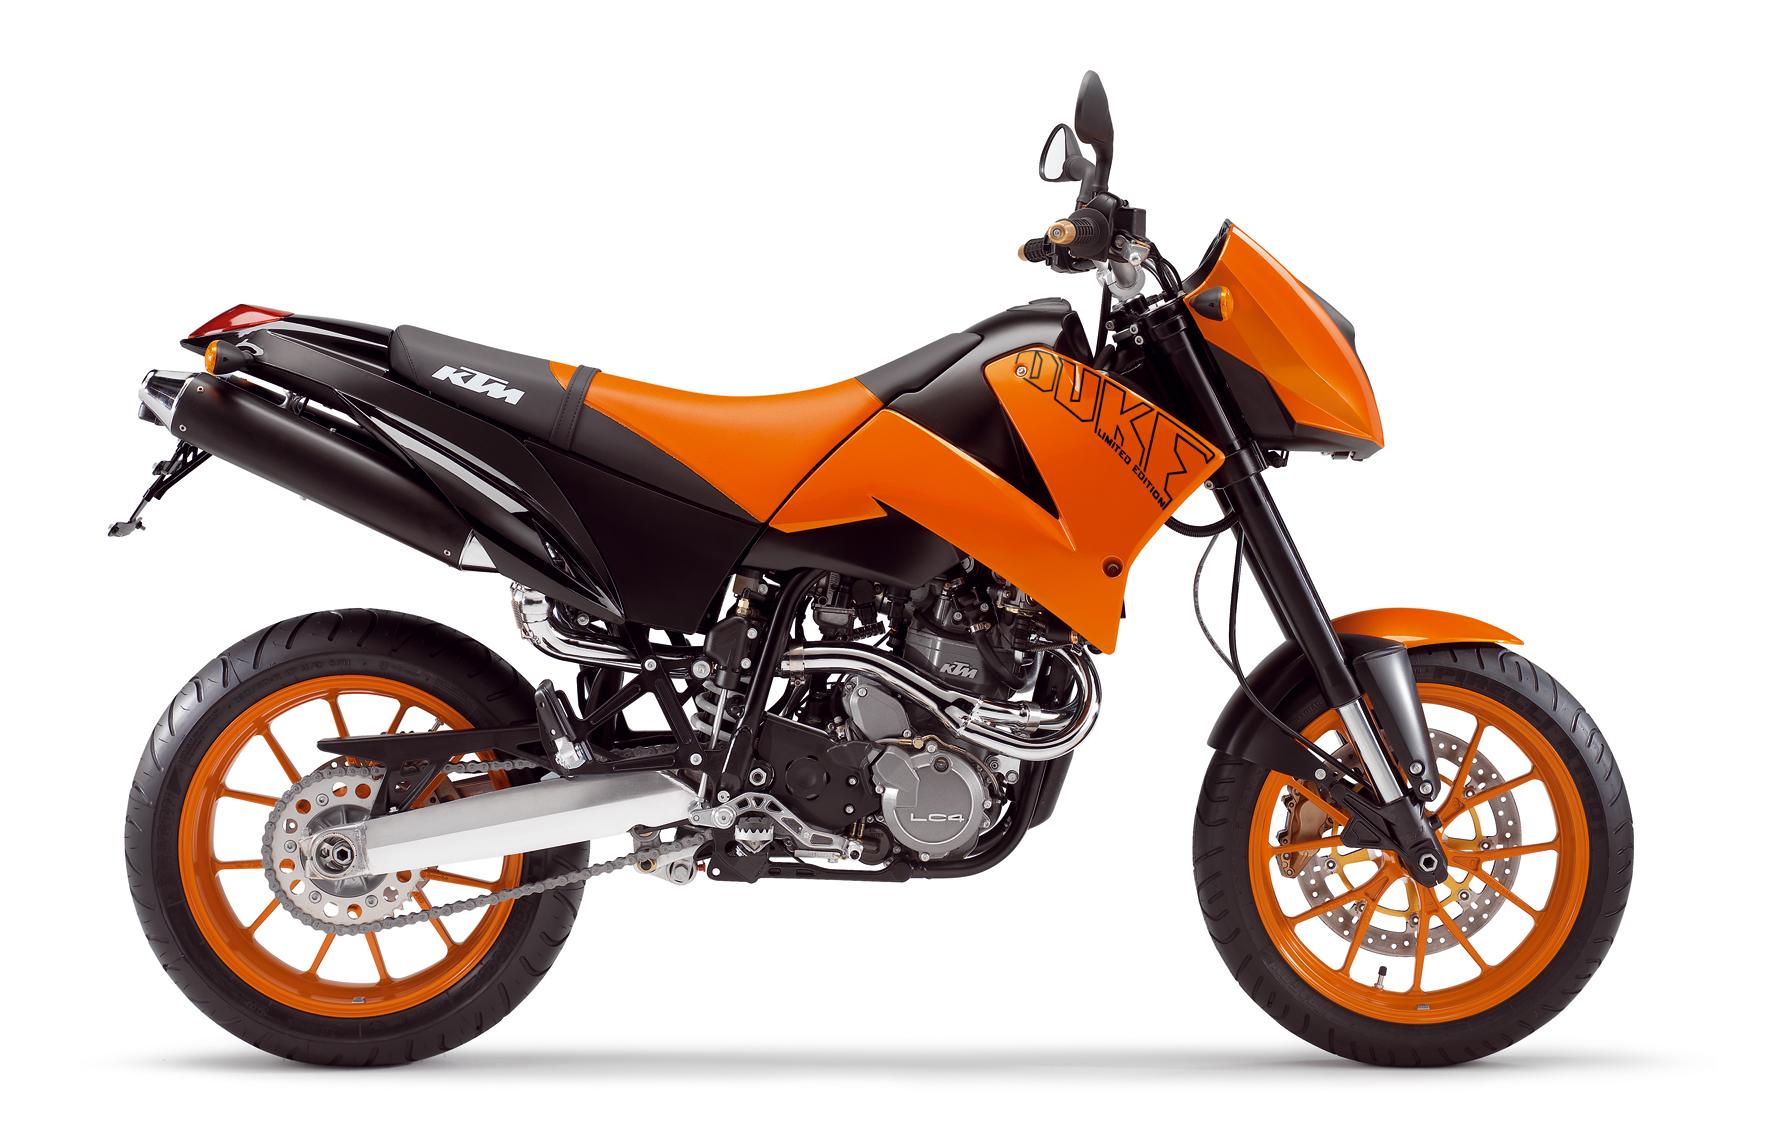 KTM Duke II 640 (2000 - 2006)